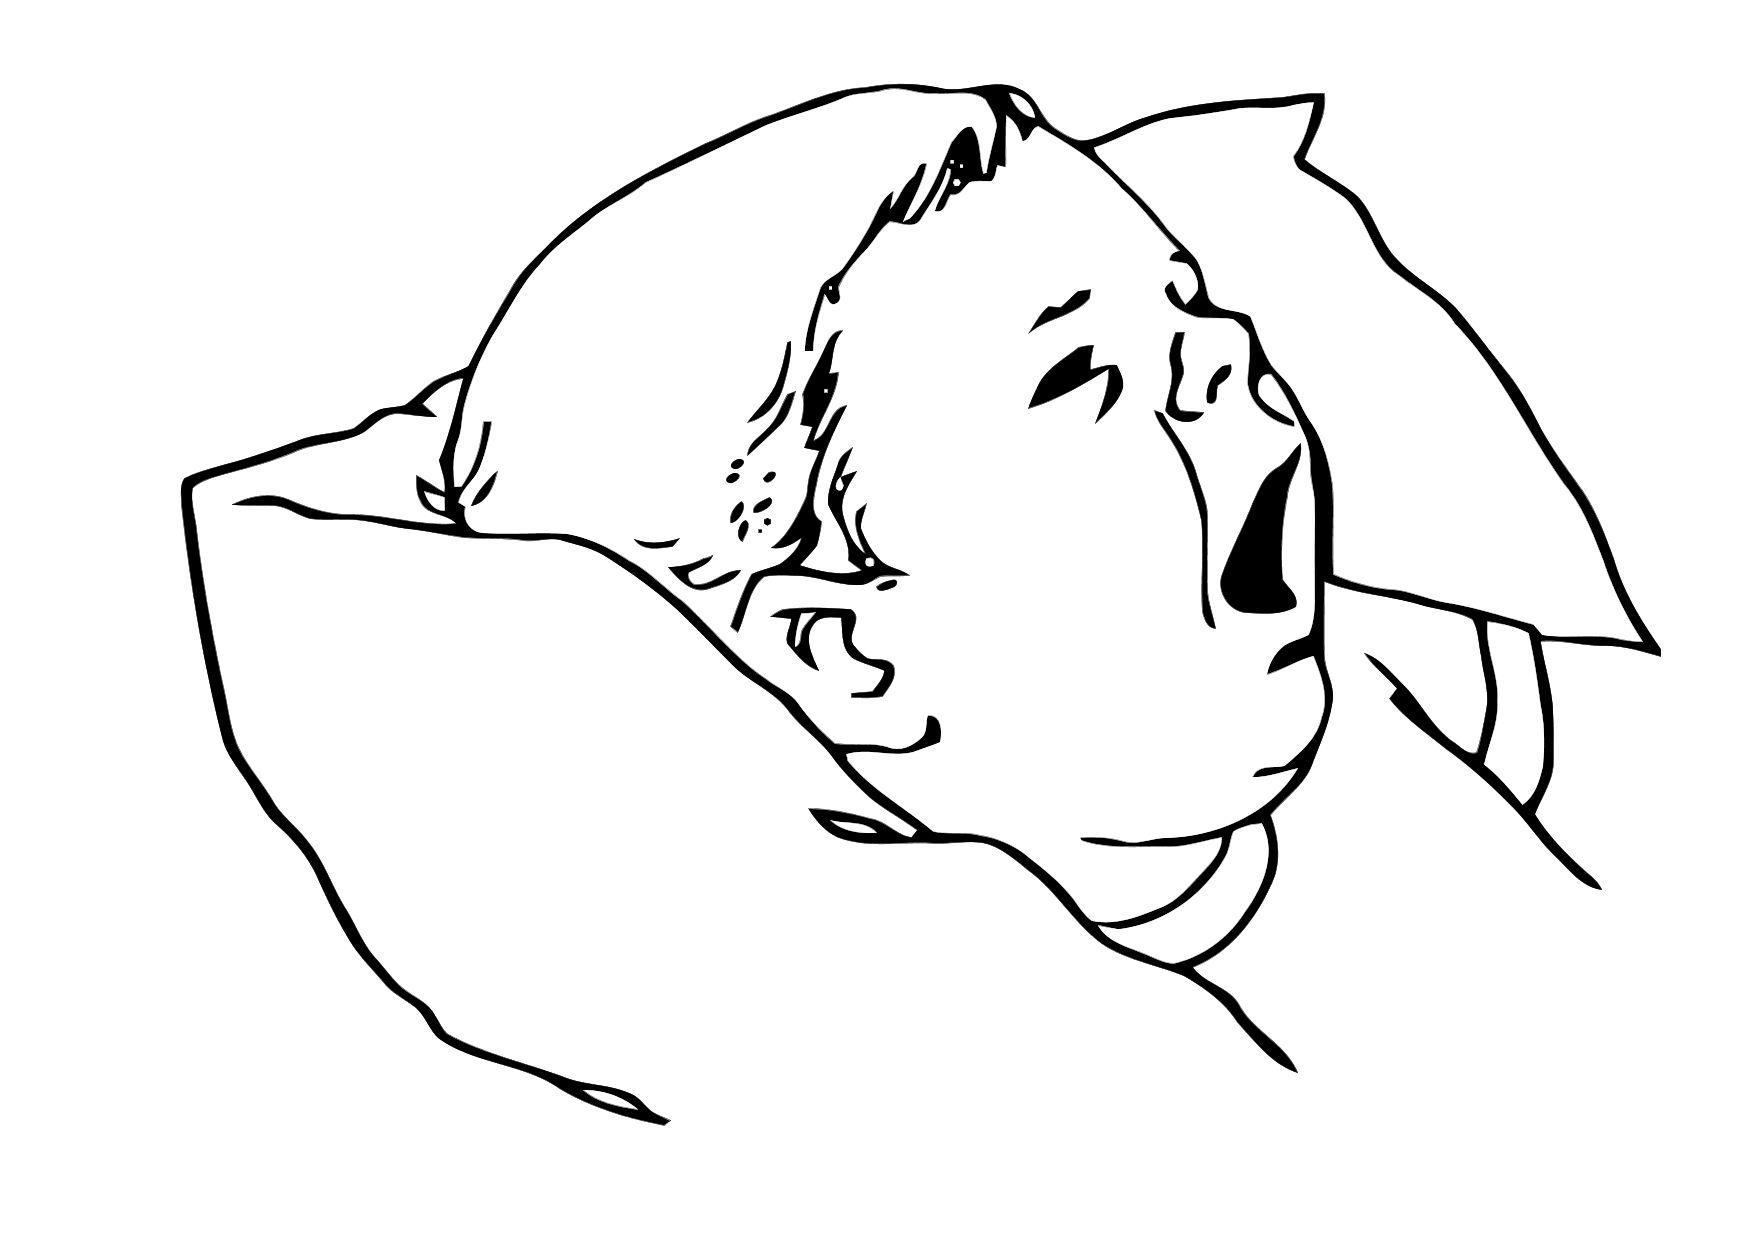 Dibujo para colorear Bebé - Img 11864